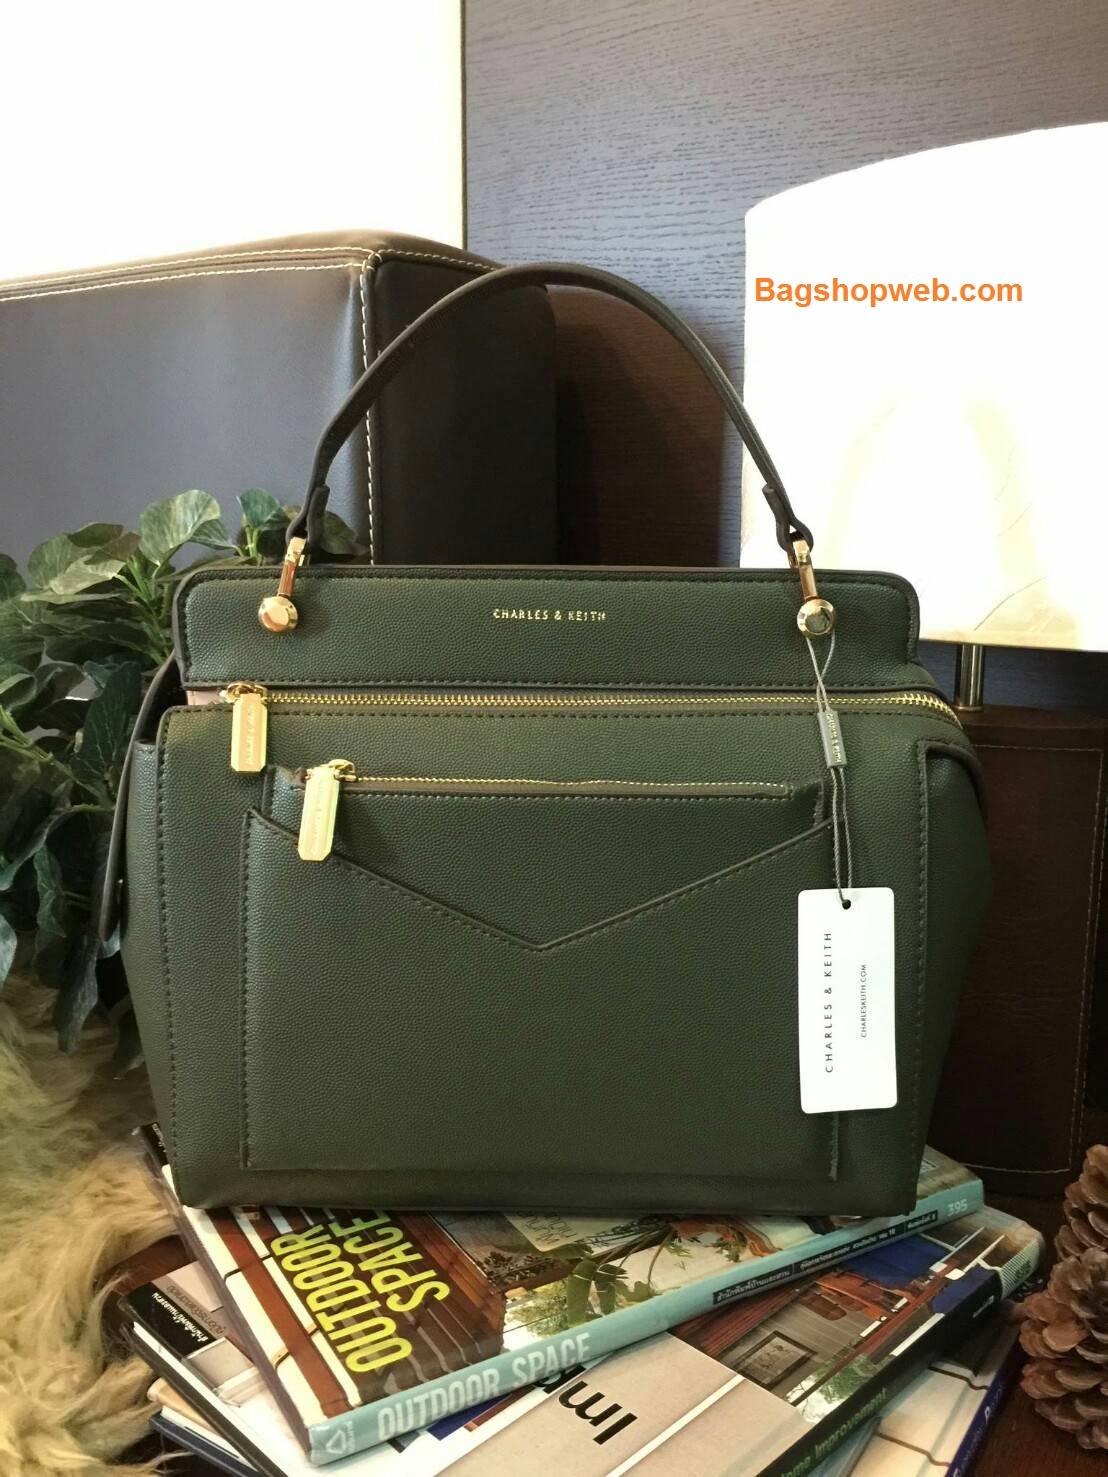 กระเป๋า CHARLES & KEITH LARGE TOP HANDLE BAG (Size L) สีOlive ราคา 1,590 บาท Free Ems